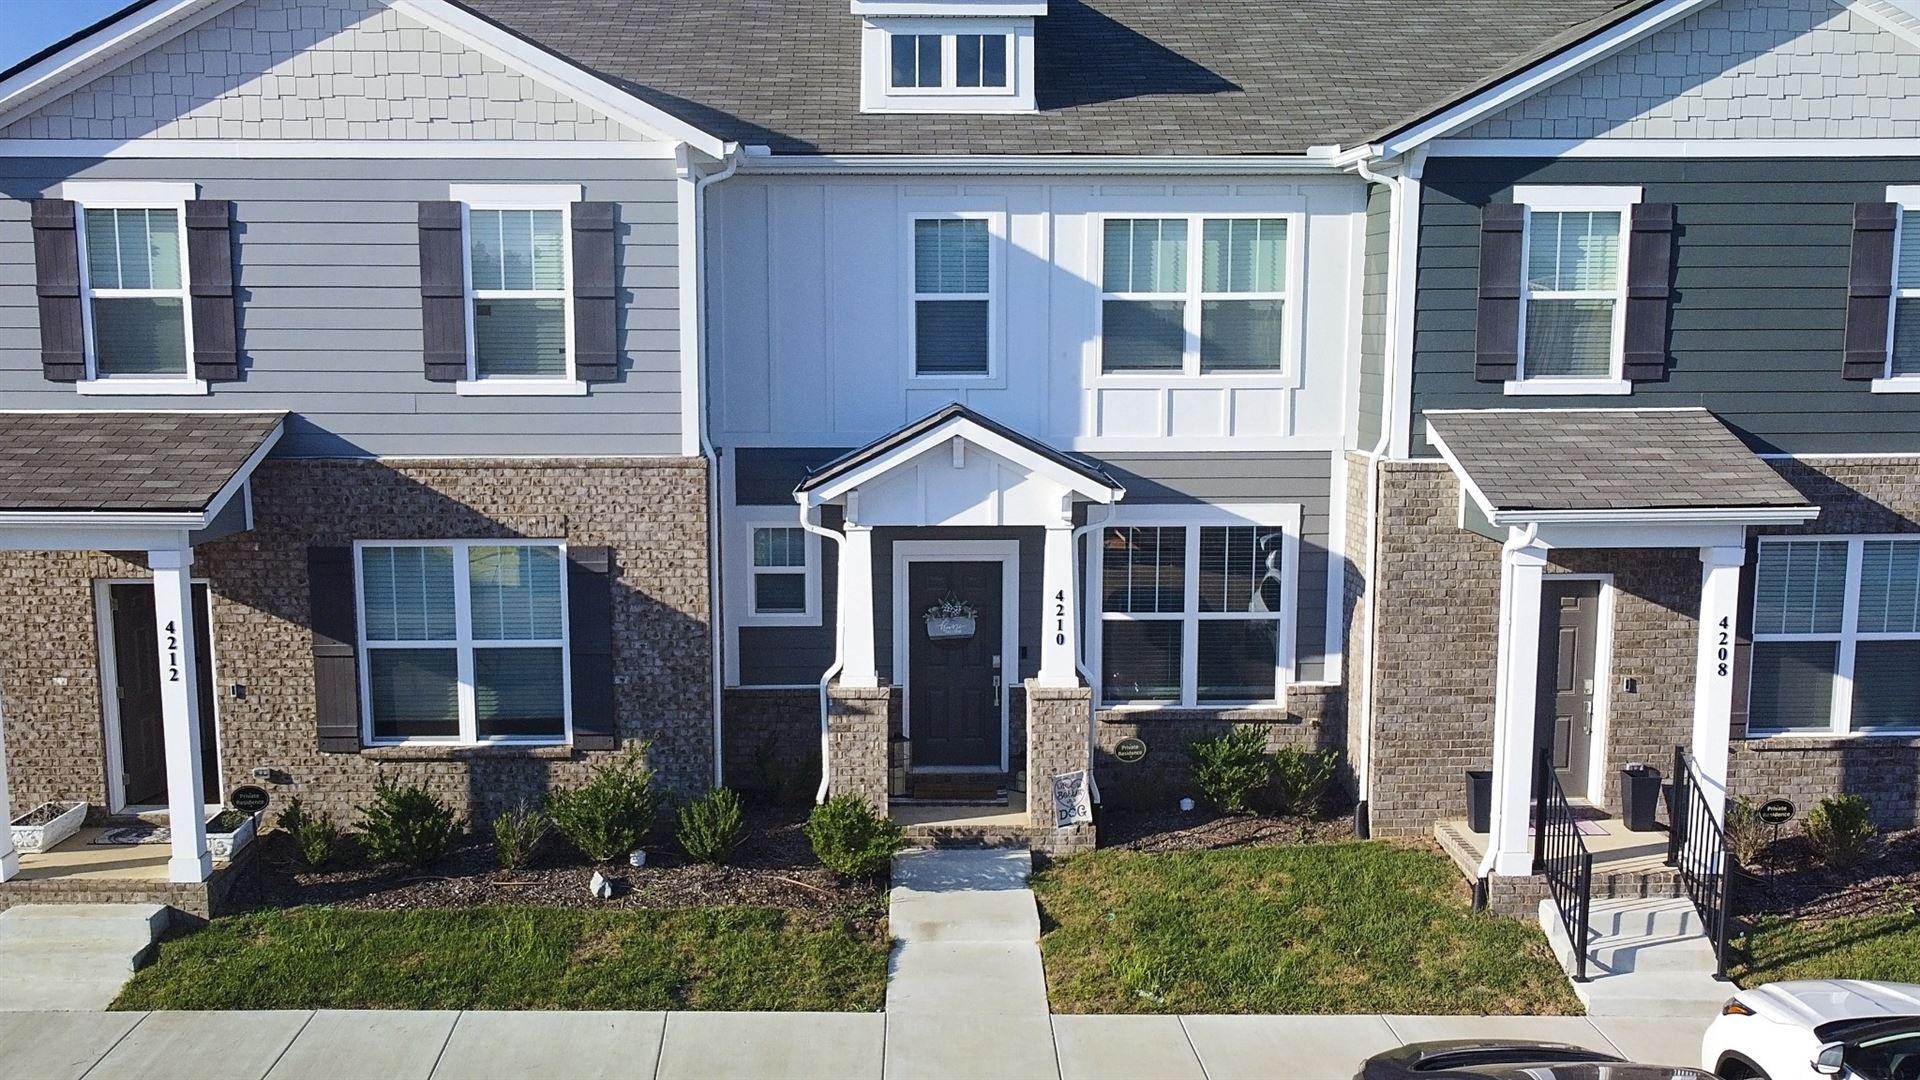 4210 Gandalf Ln, Murfreesboro, TN 37128 - MLS#: 2292096